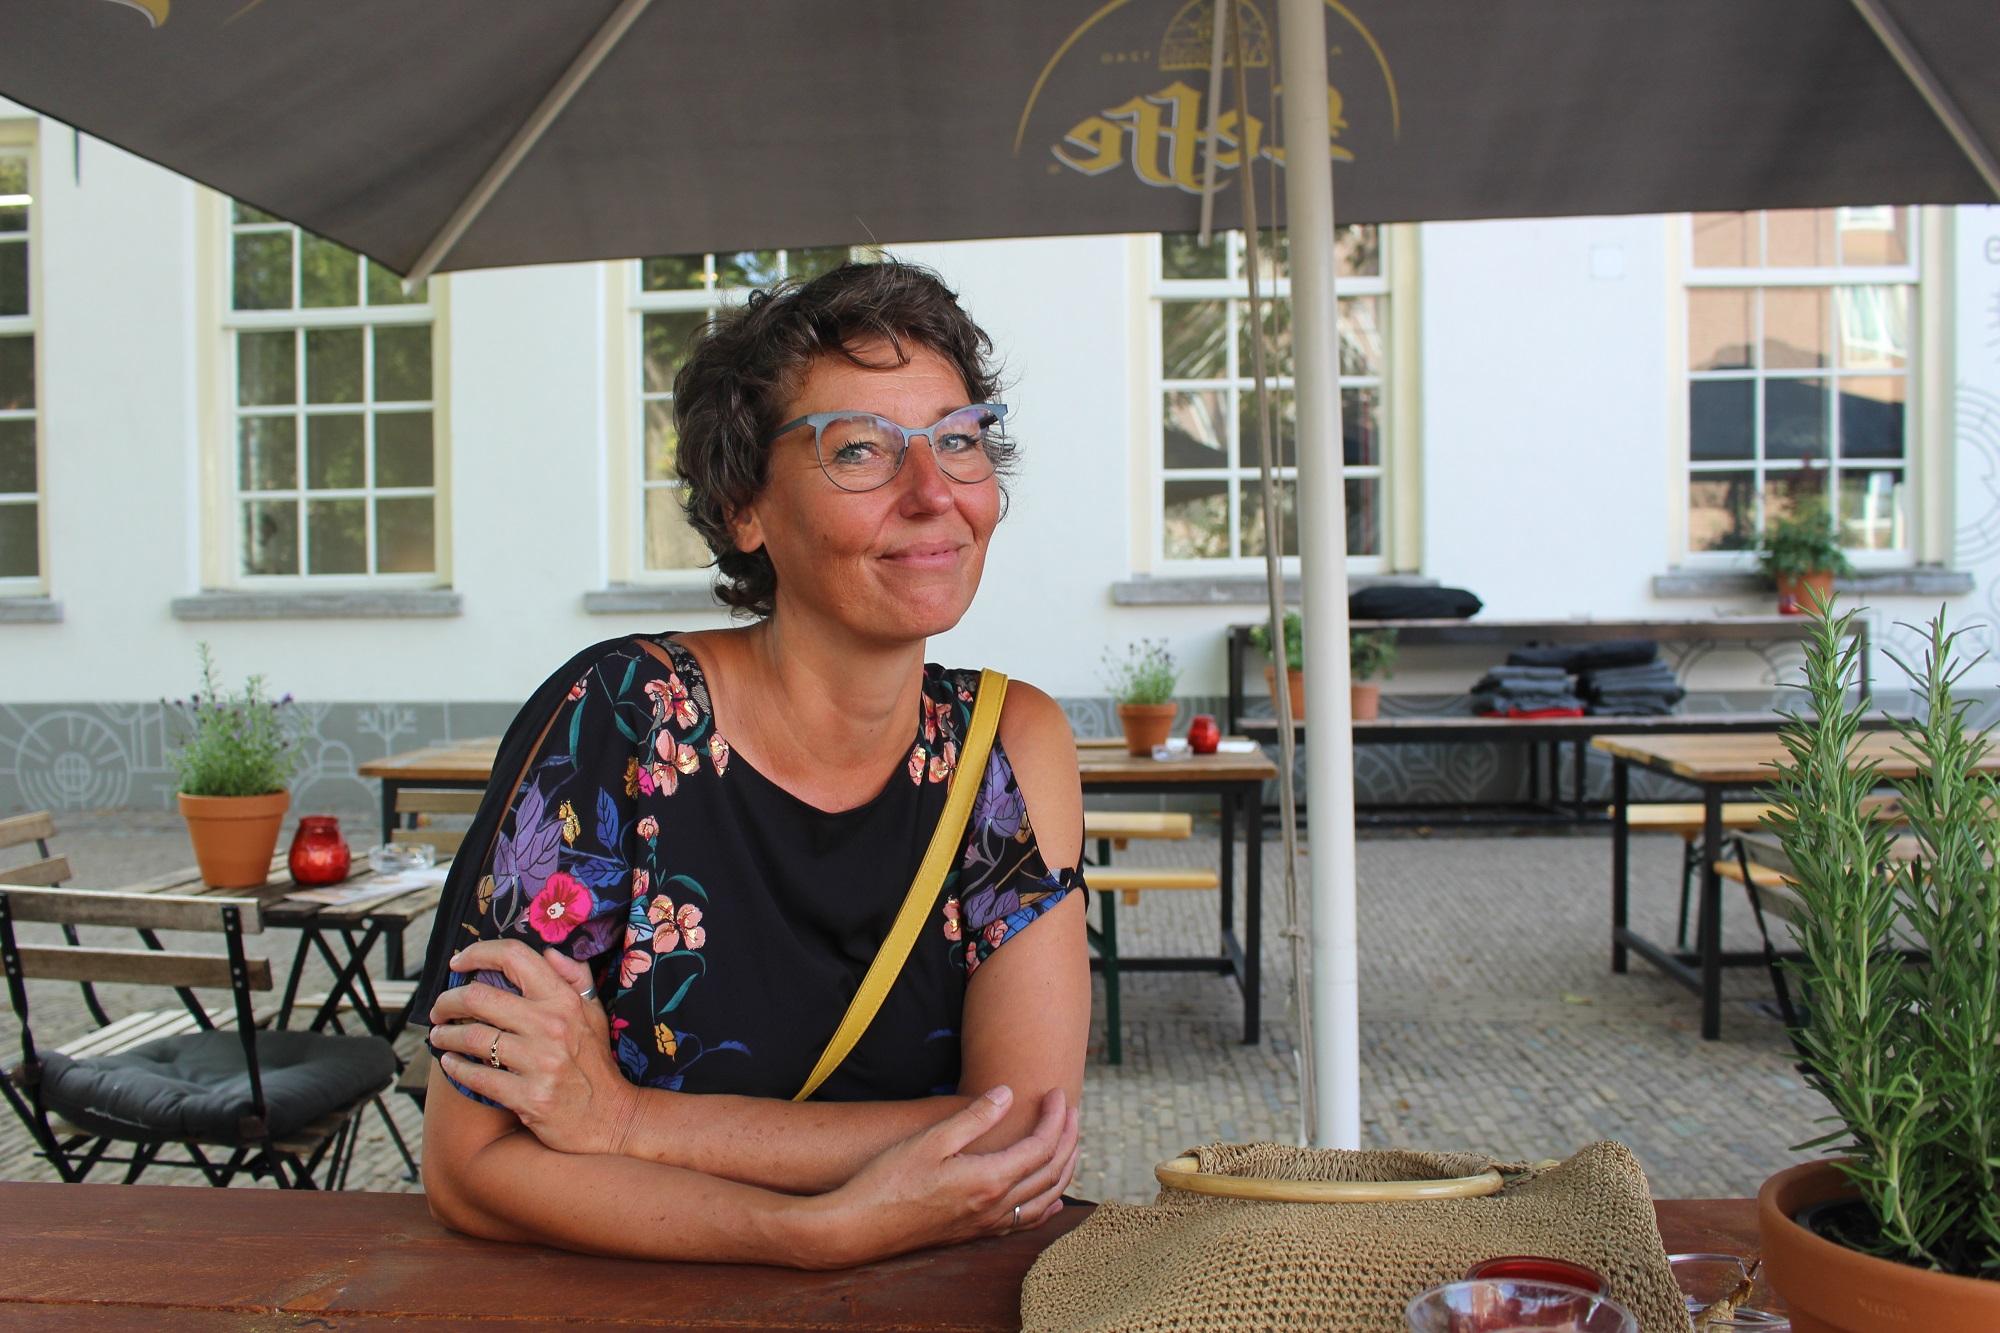 Brie van Klaveren